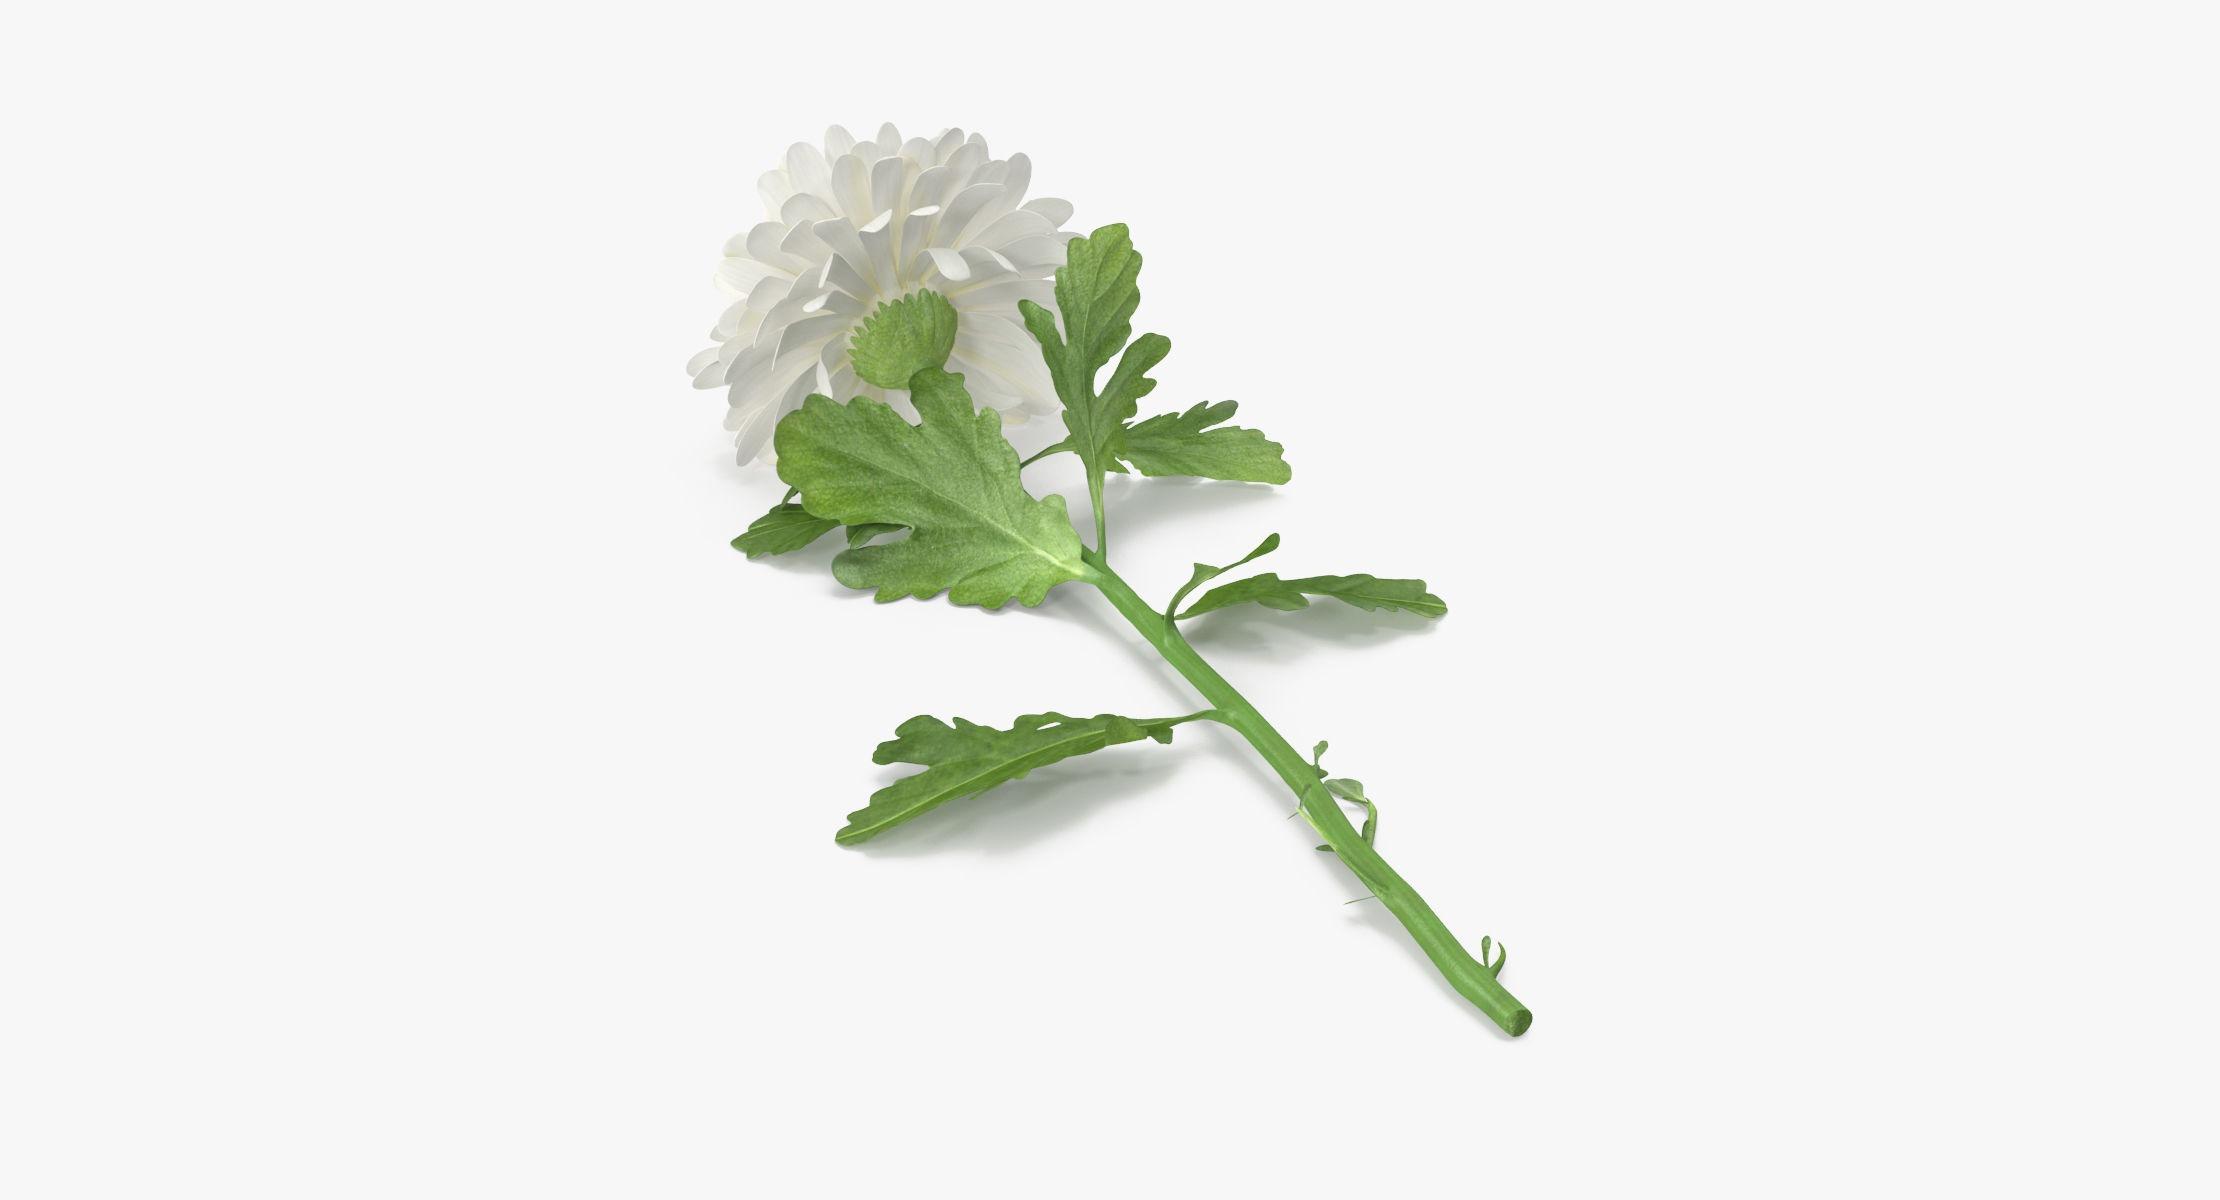 Chrysanthemum White - Single Laying - reel 1